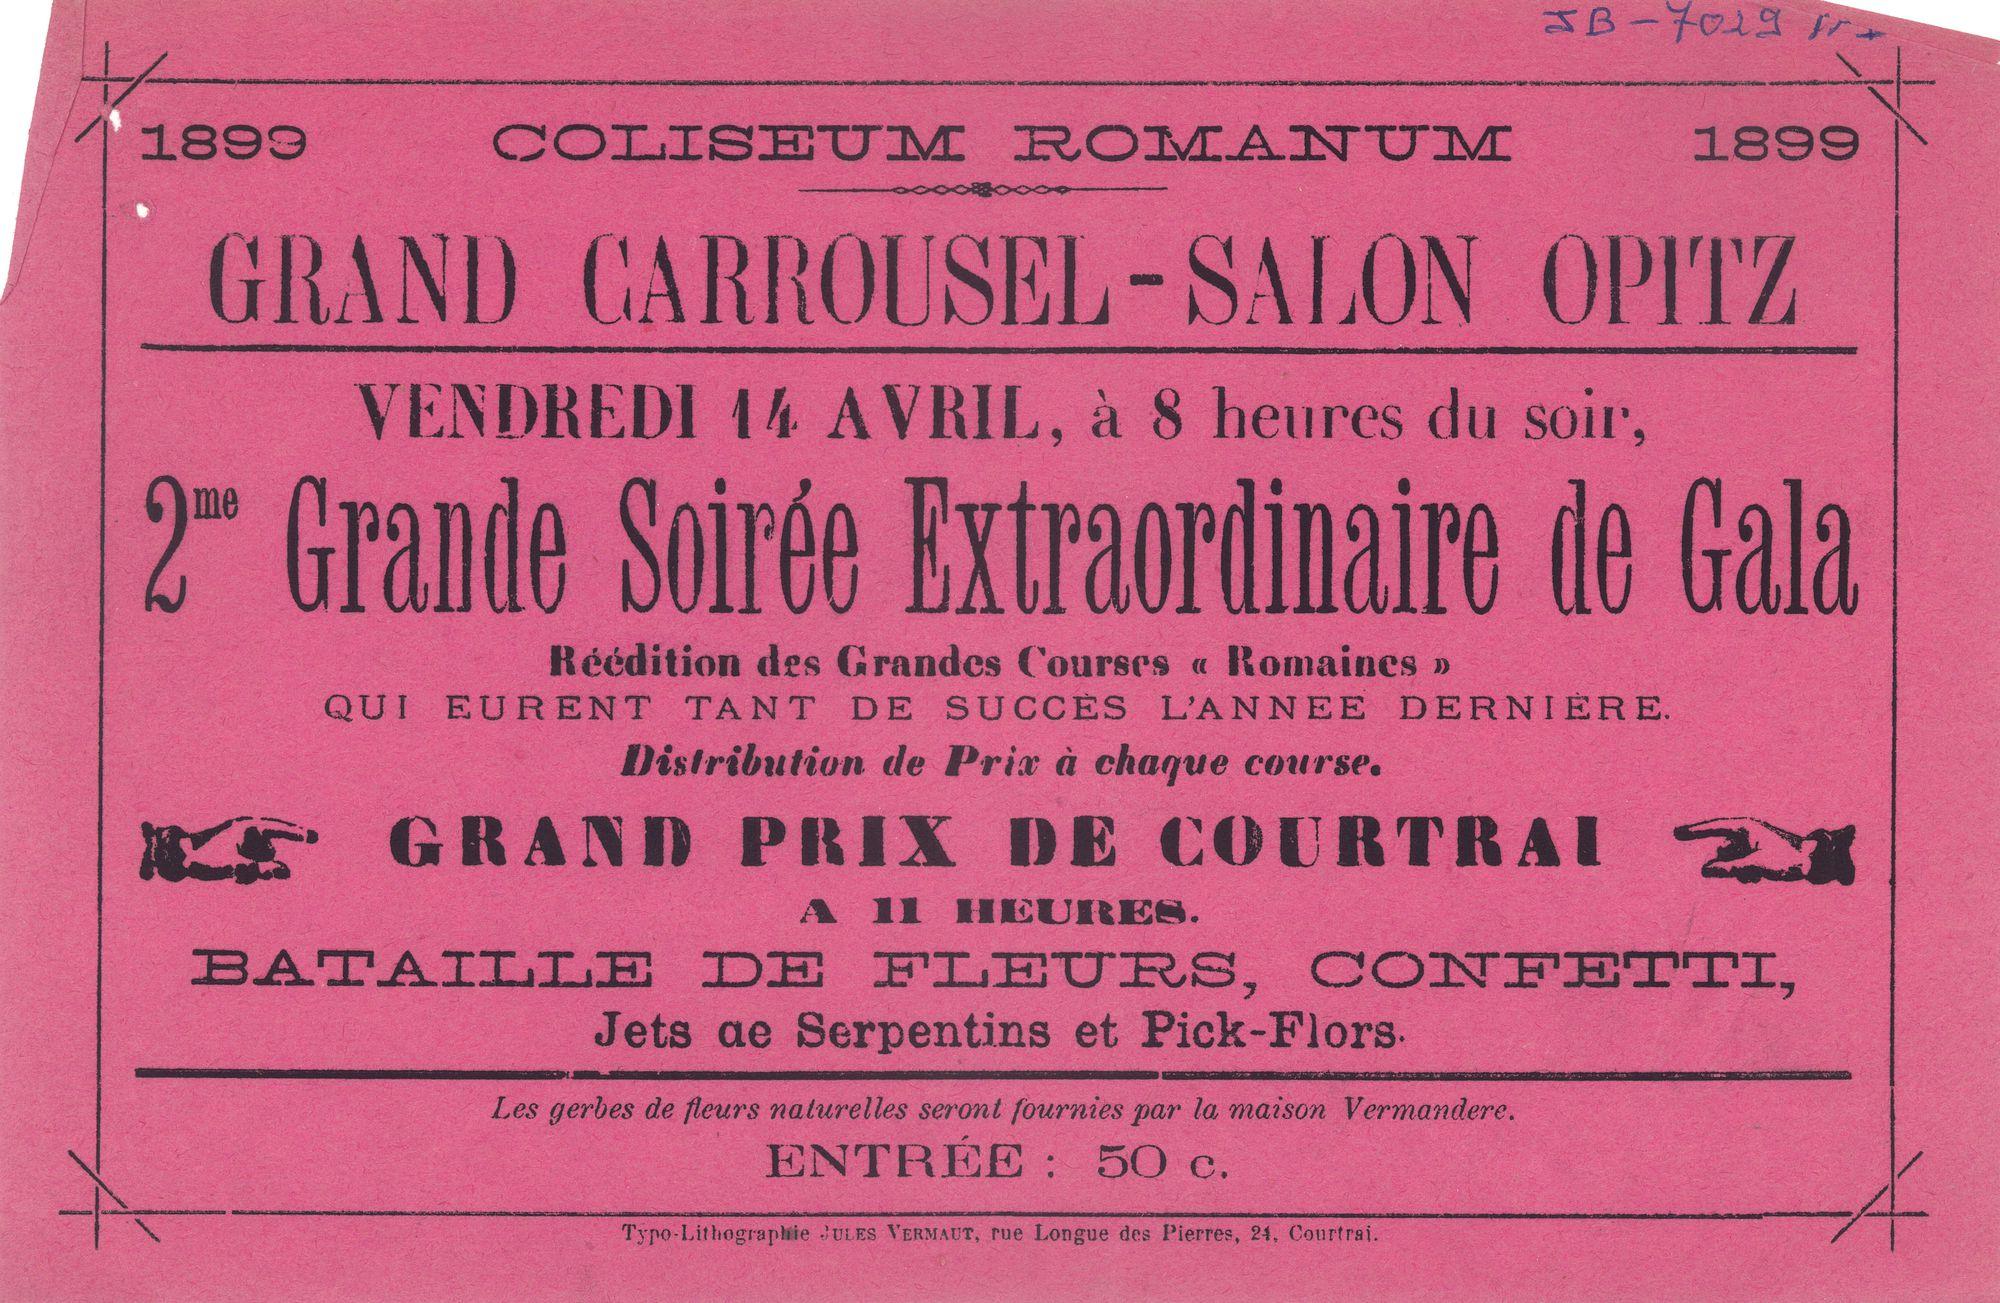 Paasfoor 1899: Grand Carrousel-Salon OPITZ